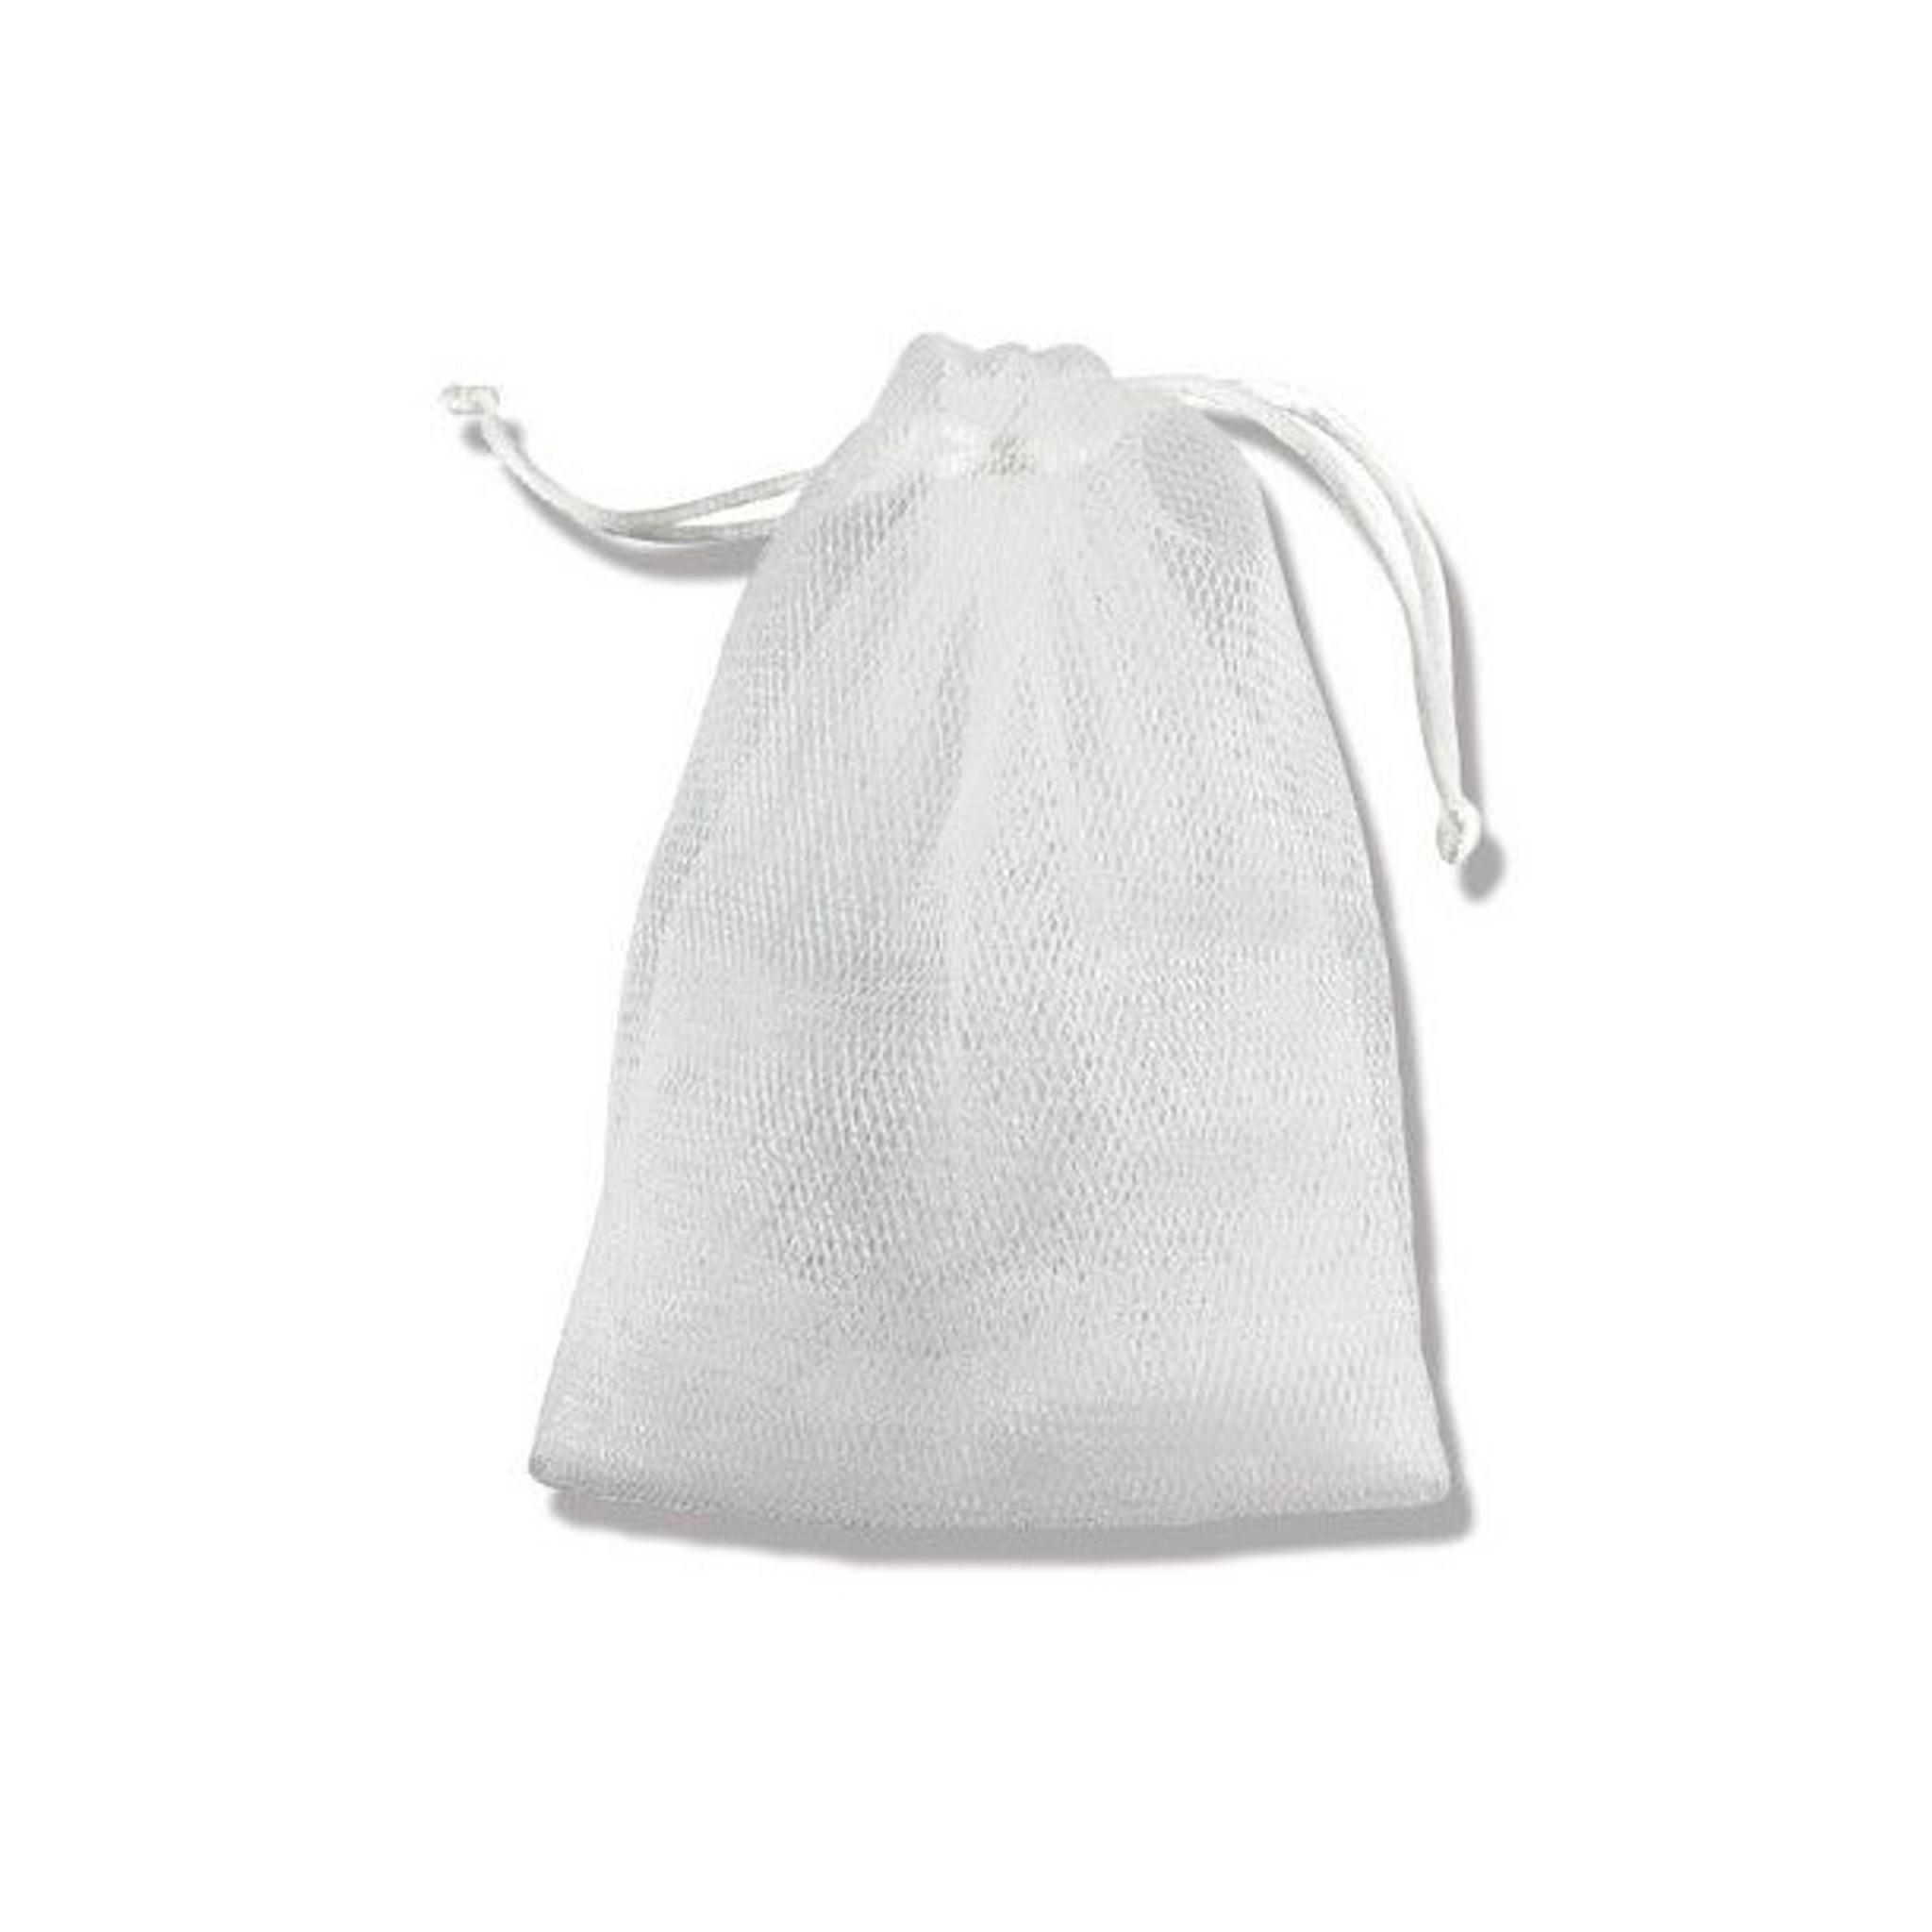 Soap Mesh Bag